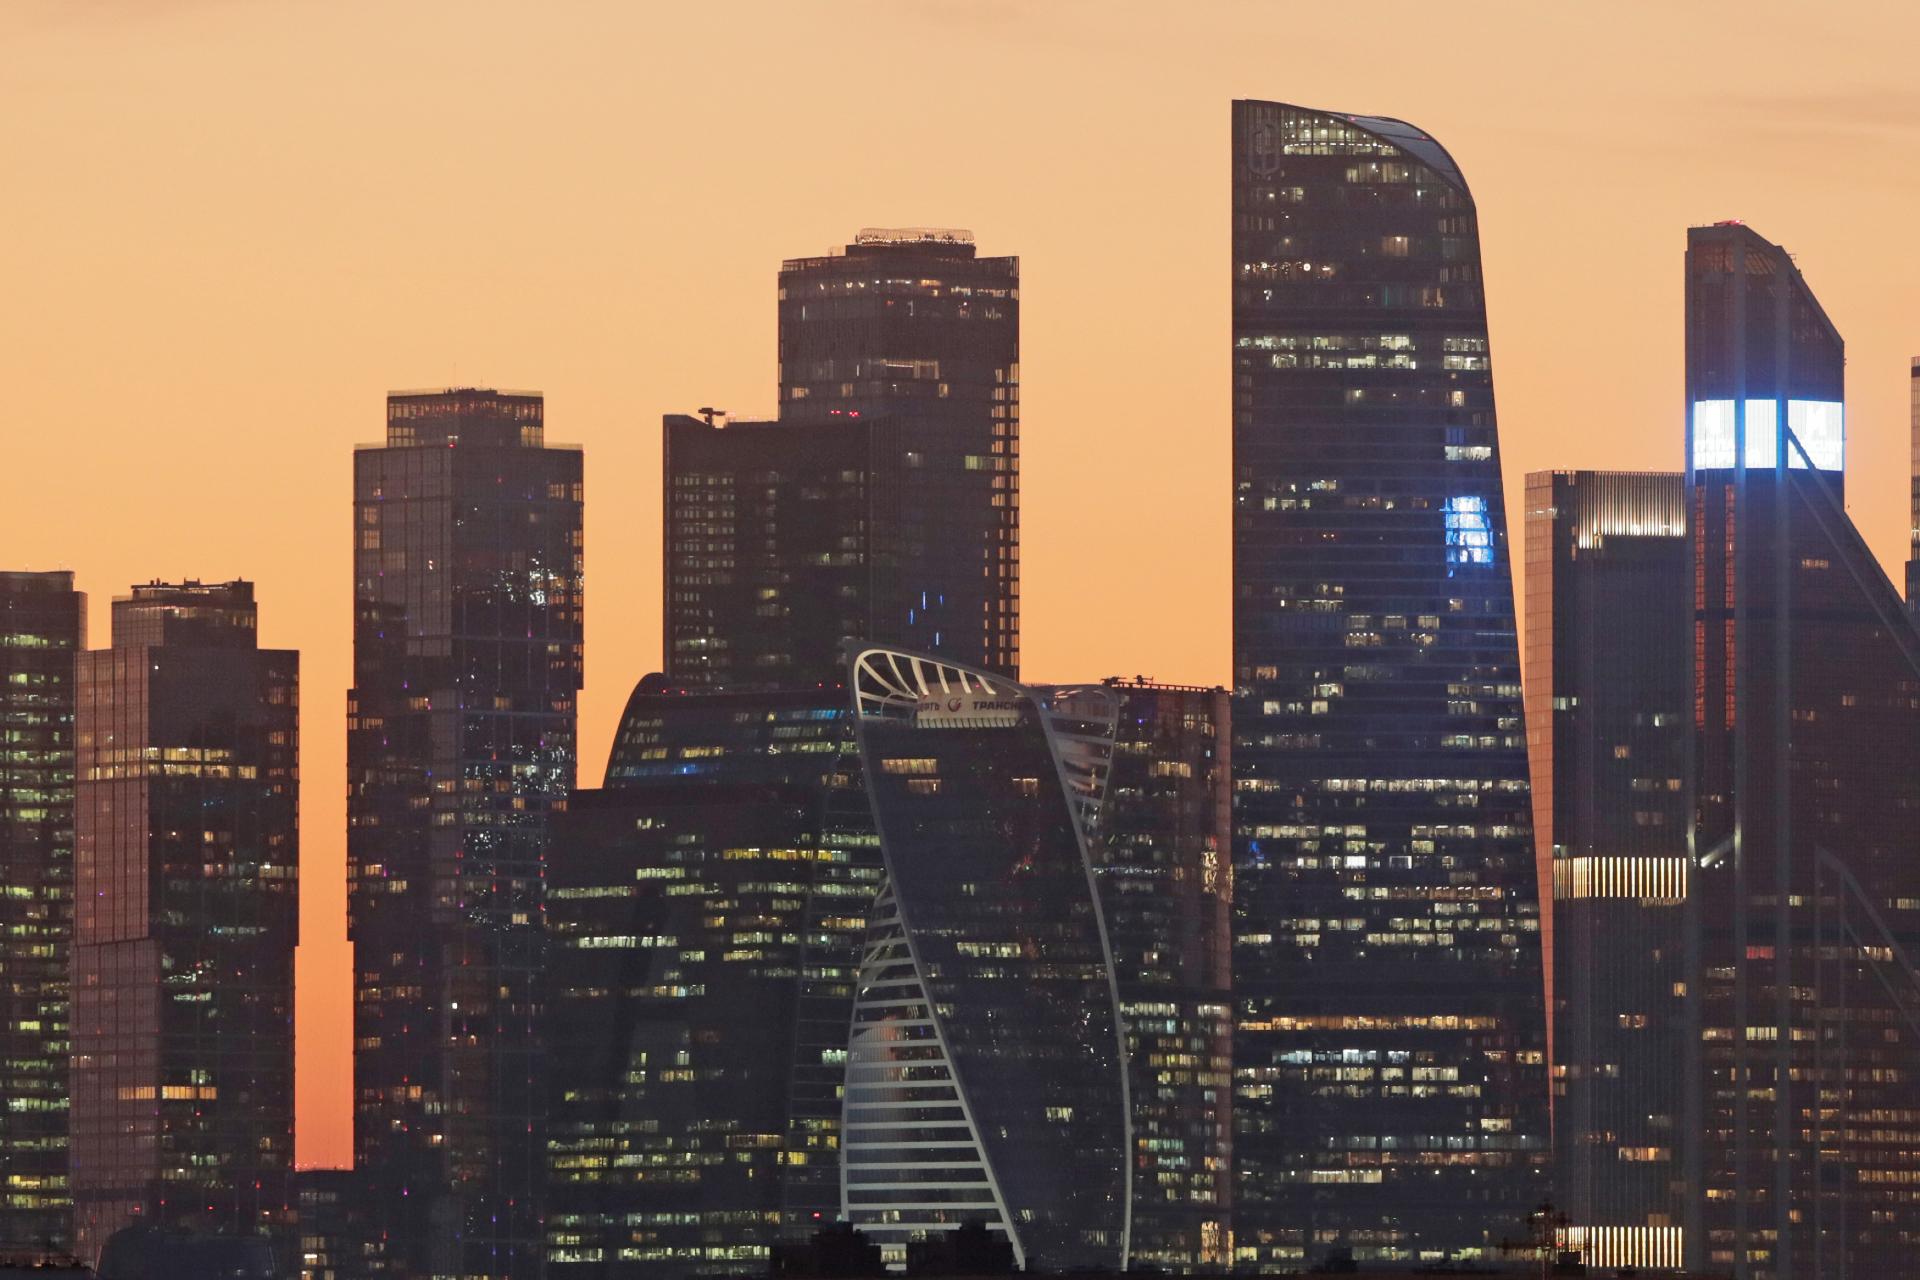 В «Москва-Сити» доля пустующих офисных площадей за квартал снизилась с 6,8% до 3,9%